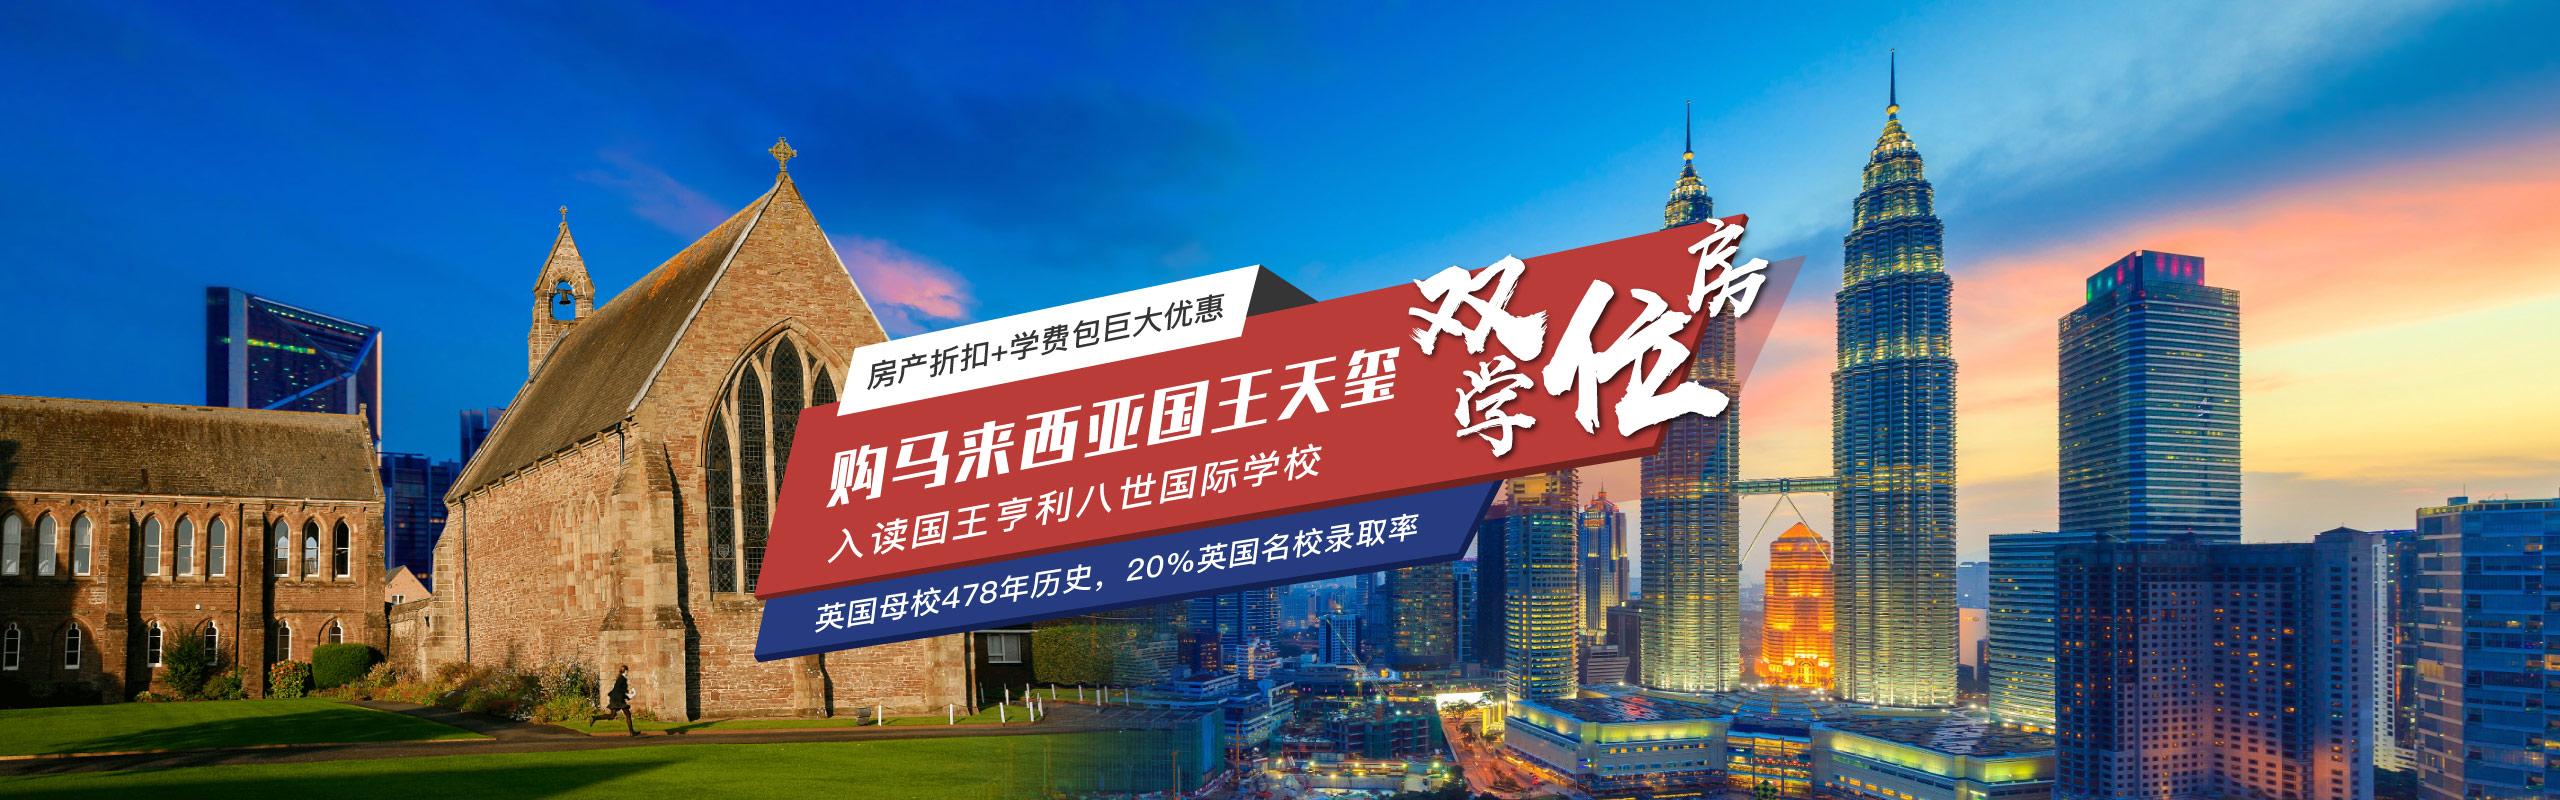 马来西亚国王天玺_175万购房,轻松入读百年英伦国际名校